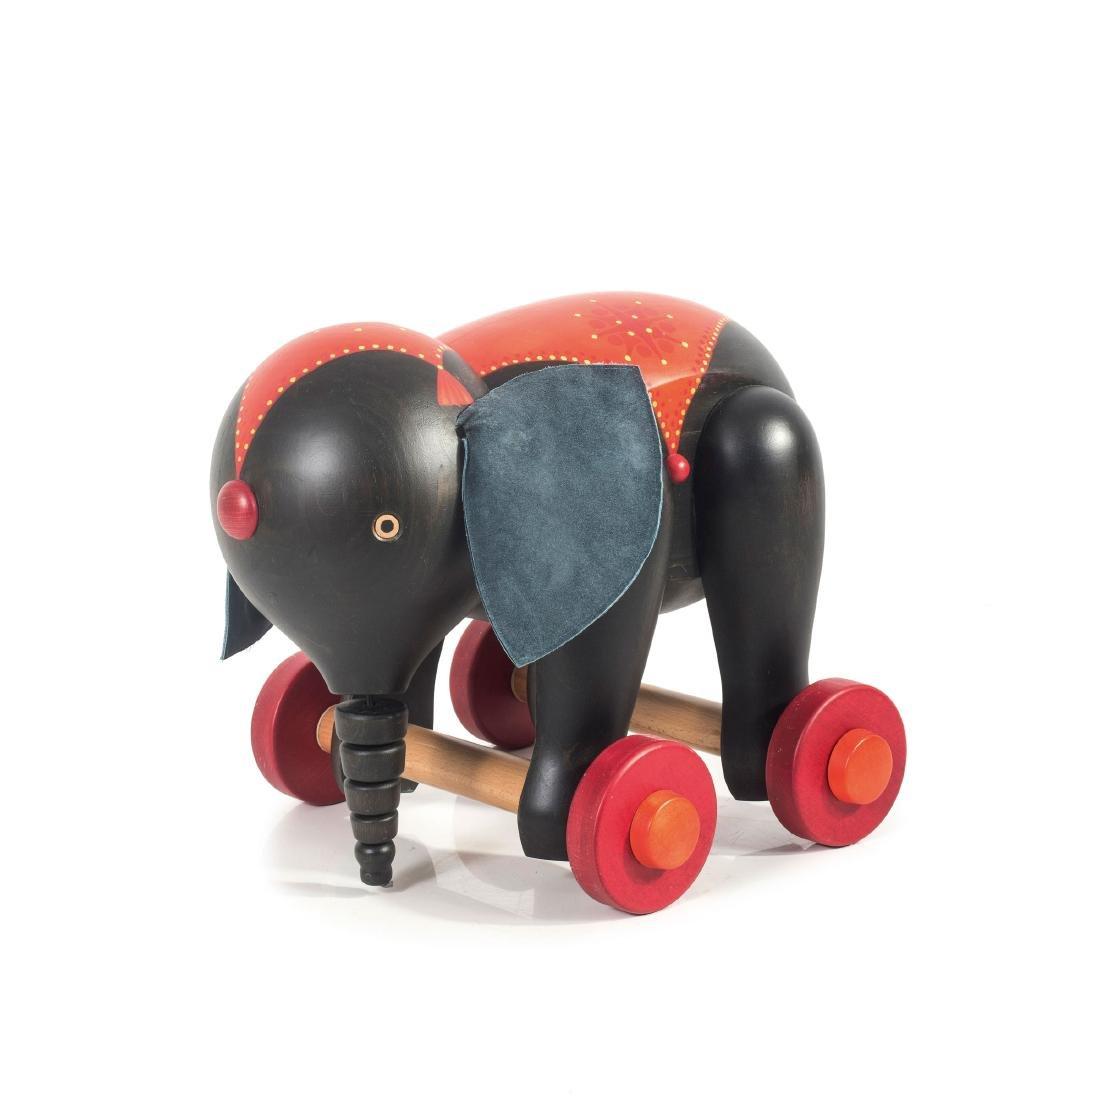 Toy elephant, 1970s